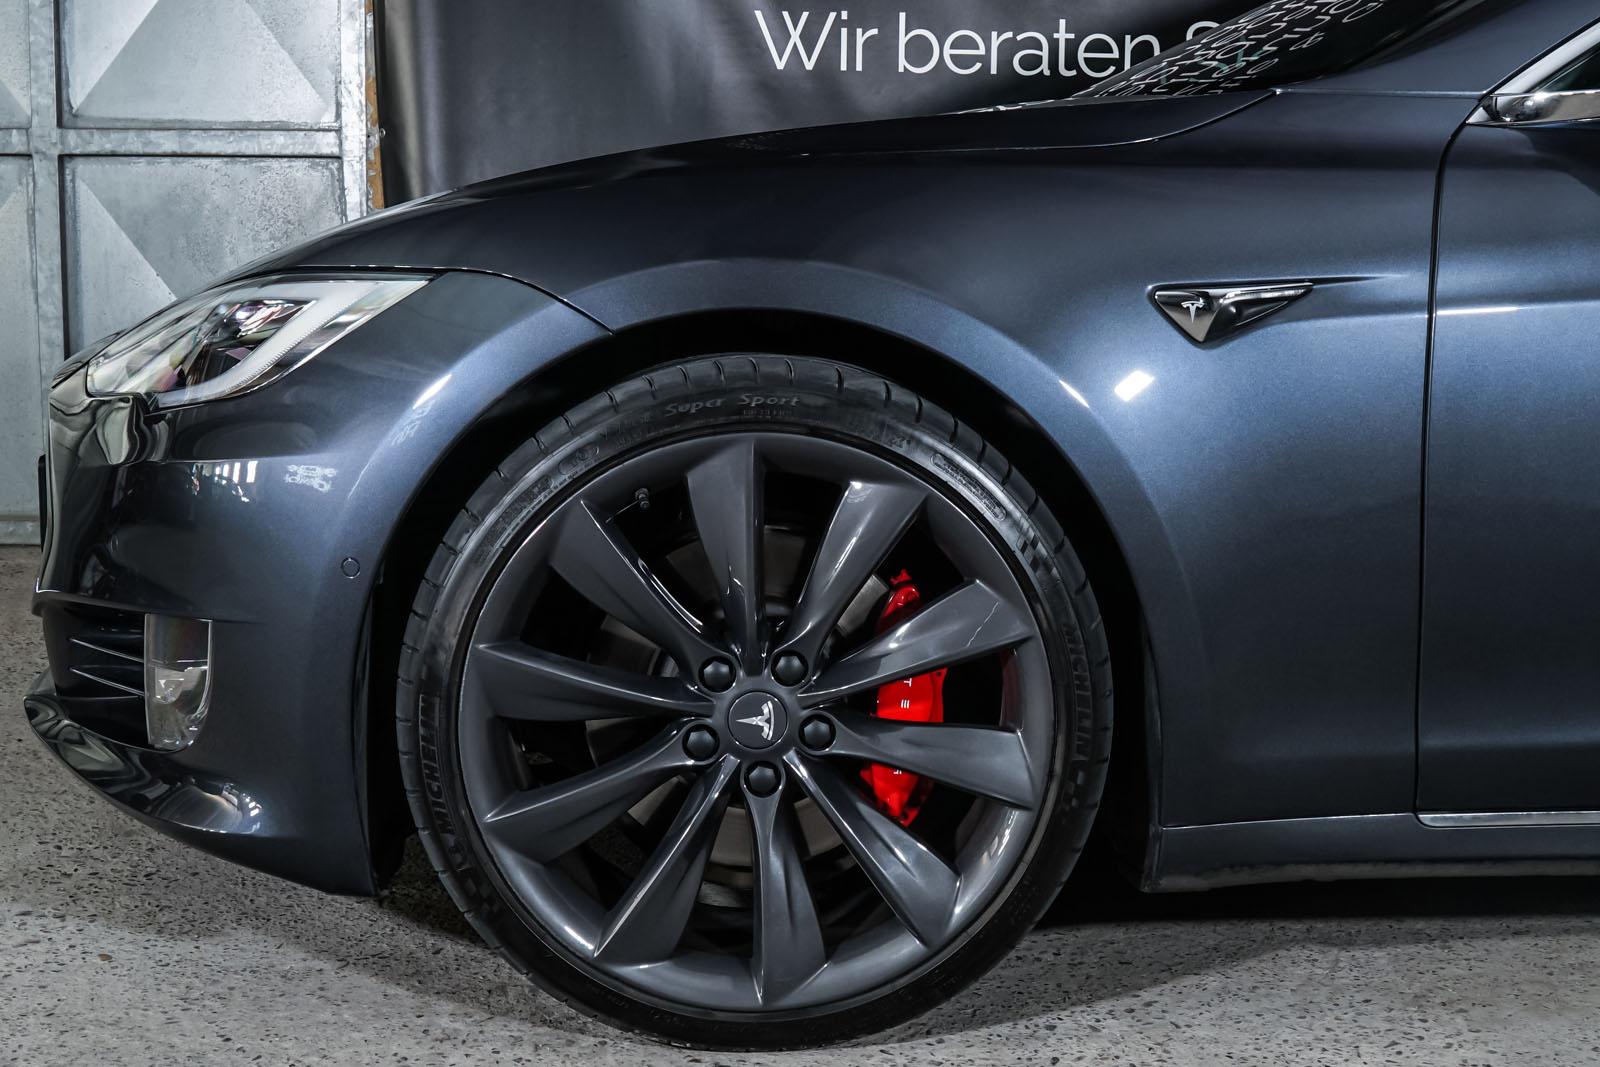 Tesla_ModelS_P100D_MidnightSilver_Schwarz_TES-6539_3_w